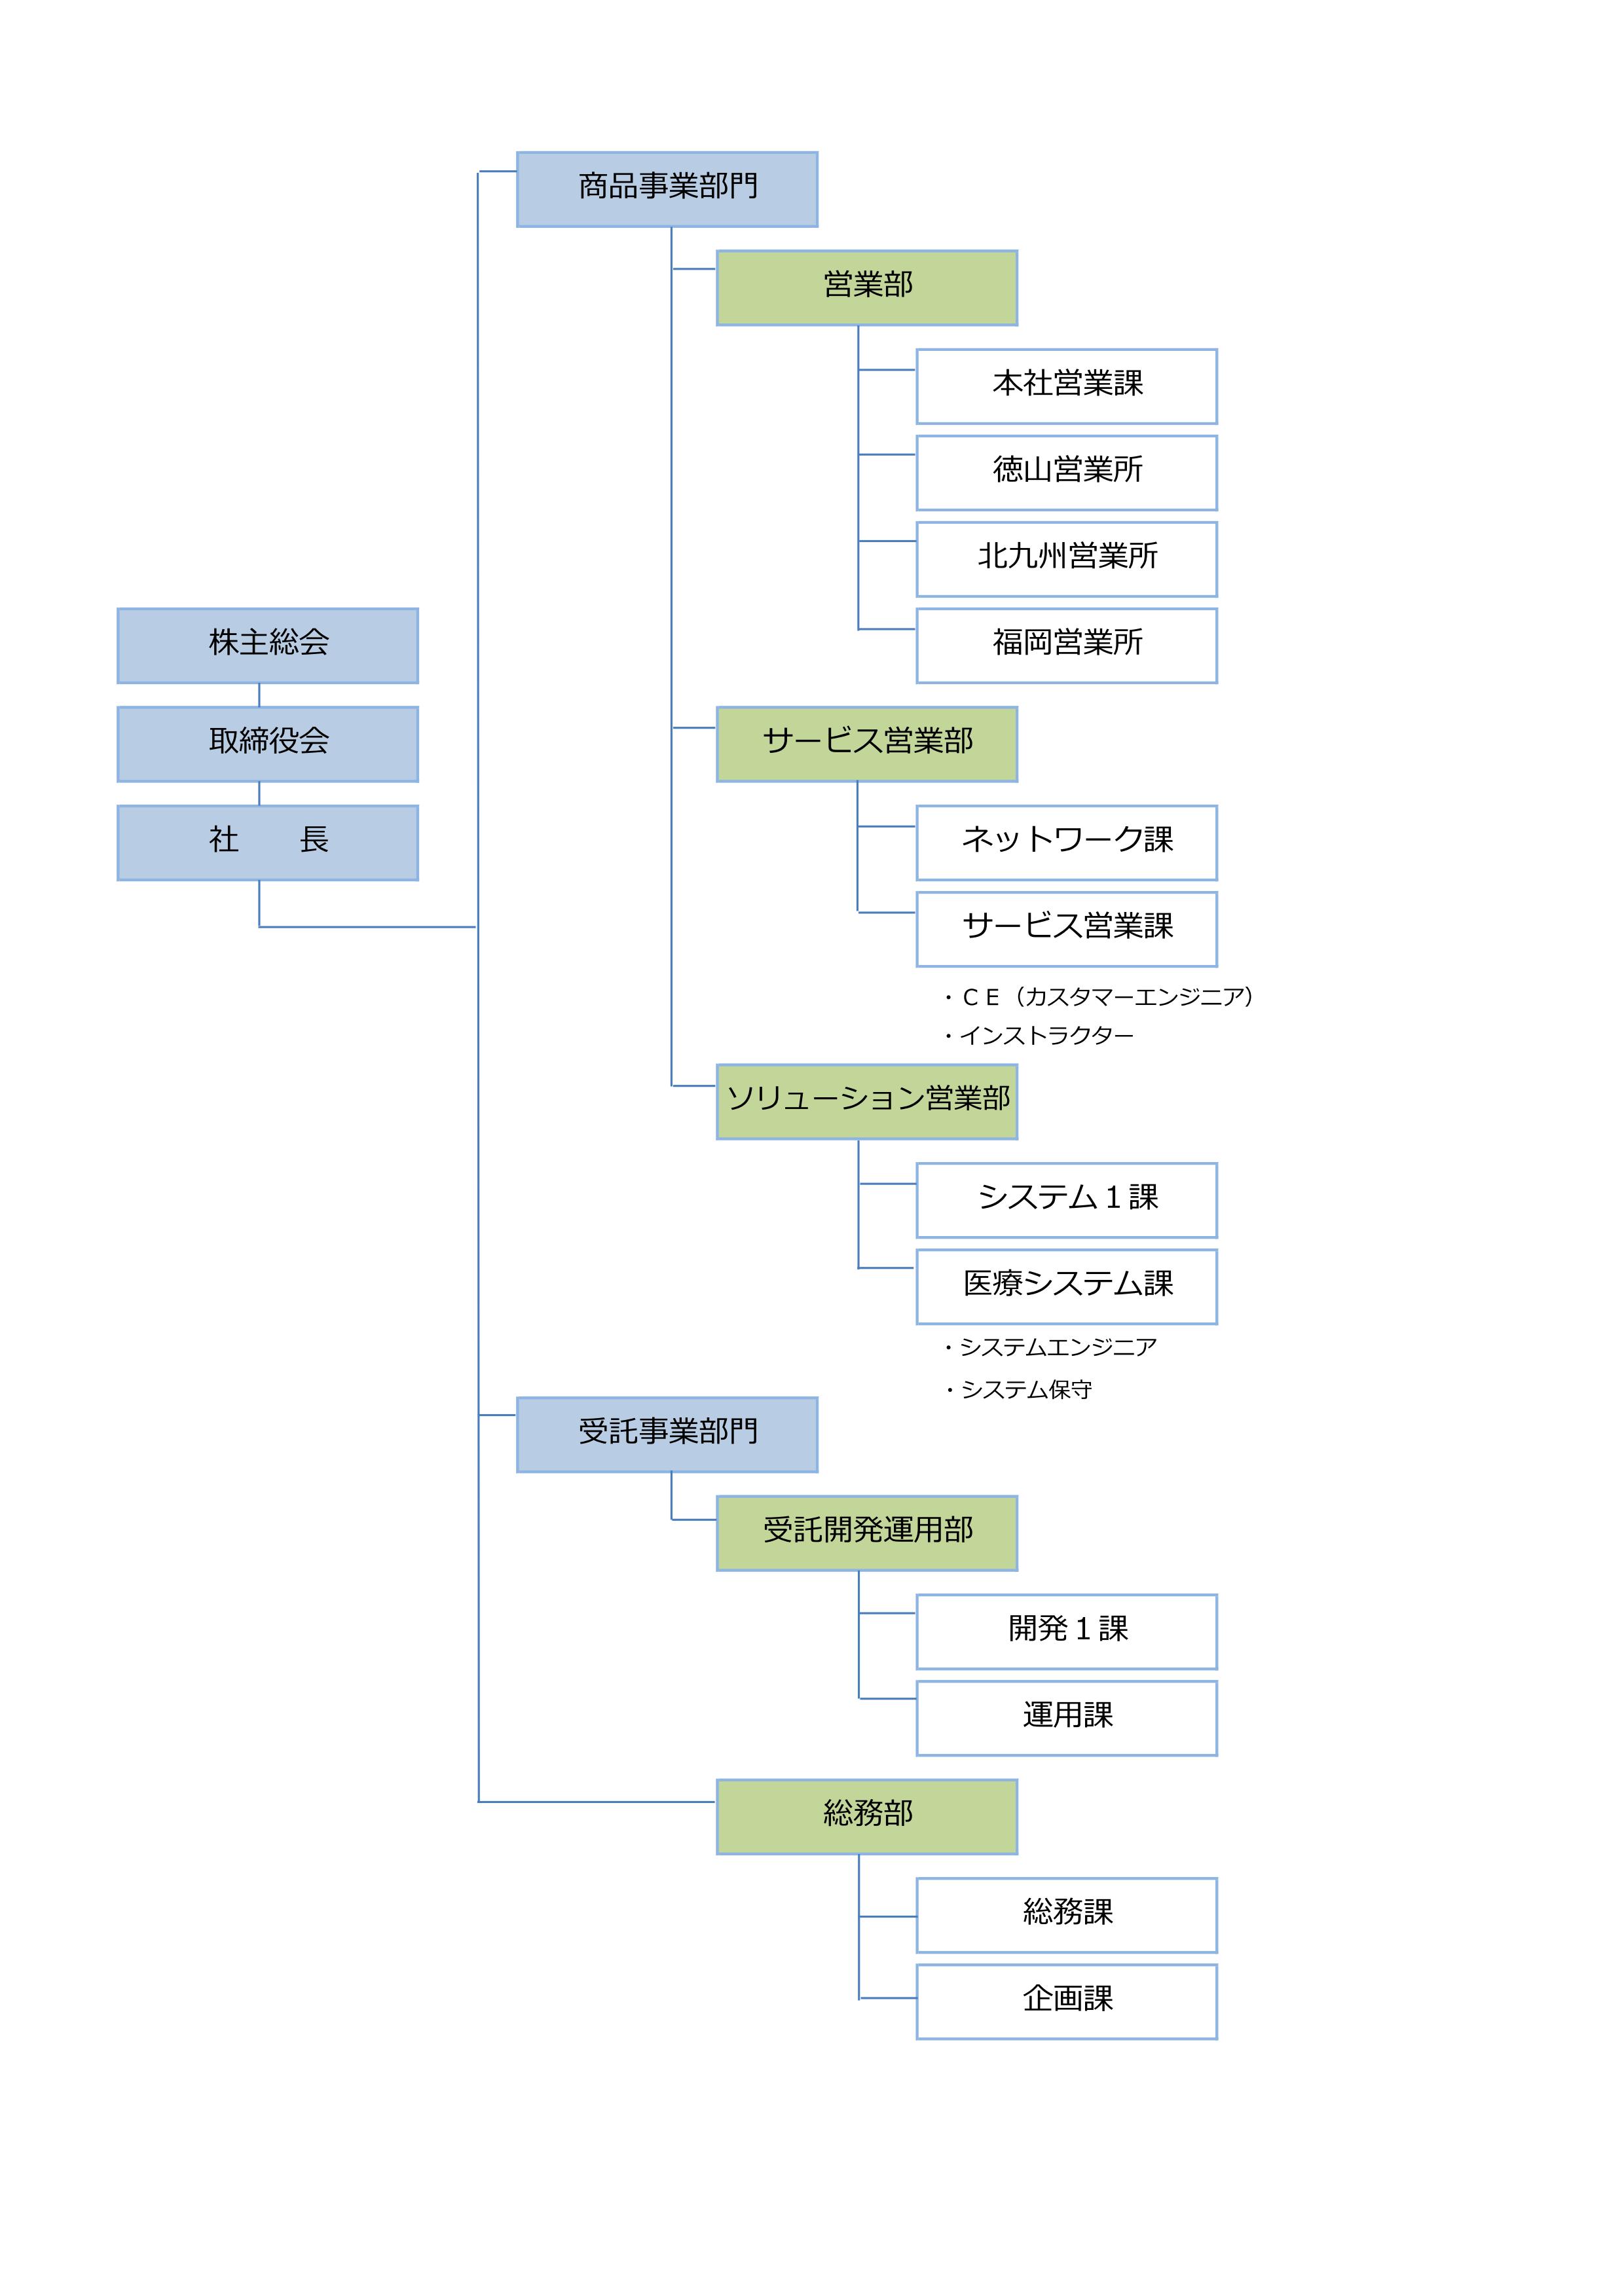 新組織図2_01